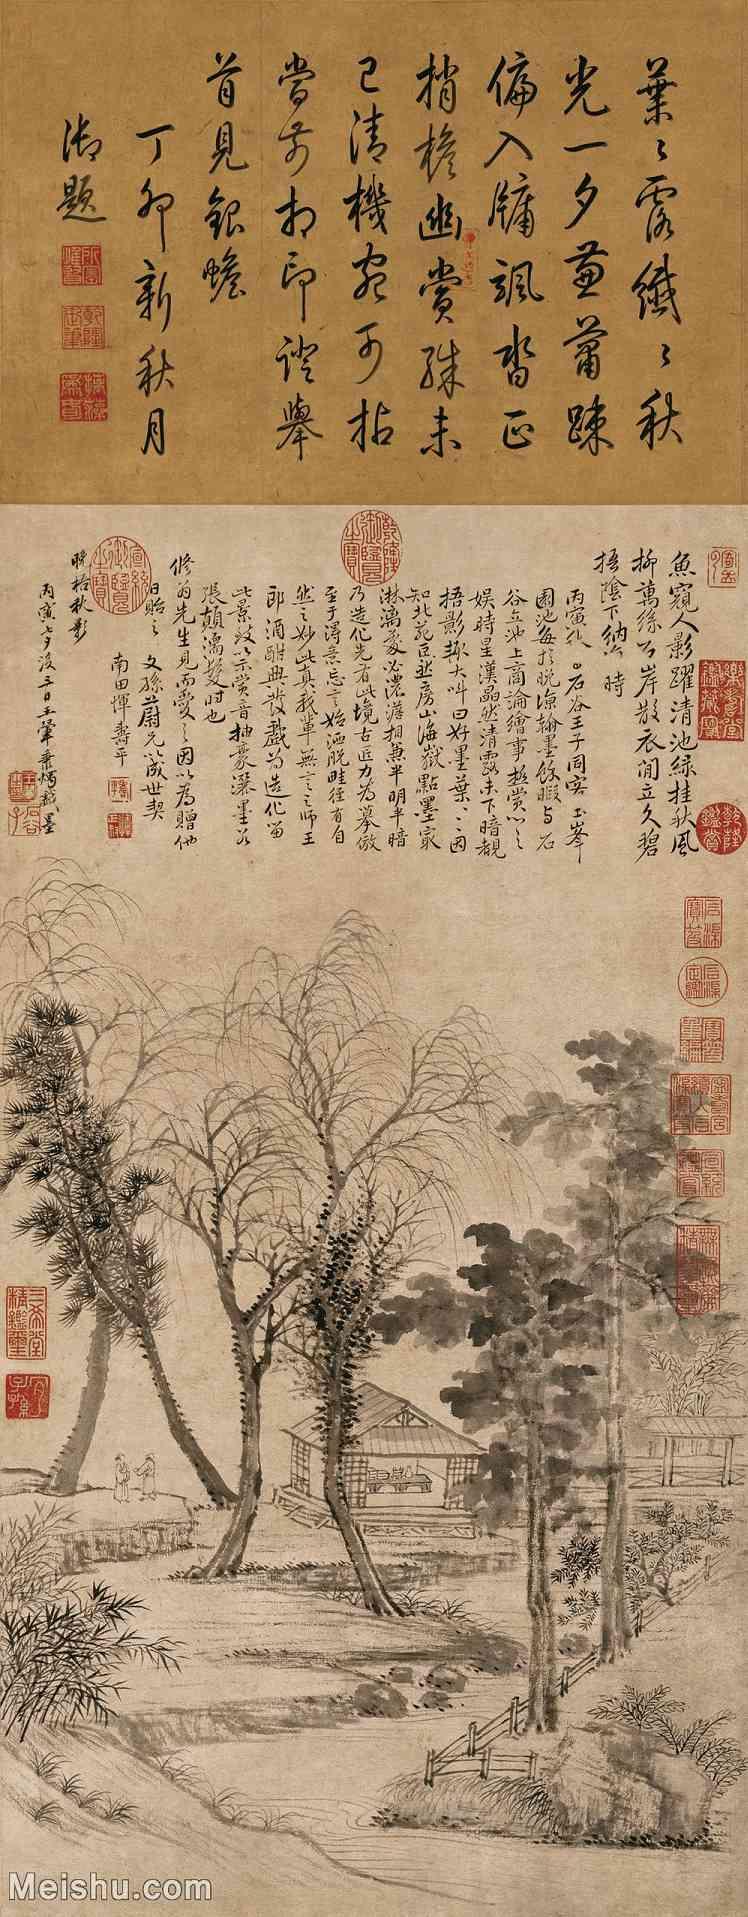 【超顶级】GH6085327古画树木植物-晚梧秋影图-清-王翚-纸本-30x76.5-40x102-山水-树林风景茅屋凉